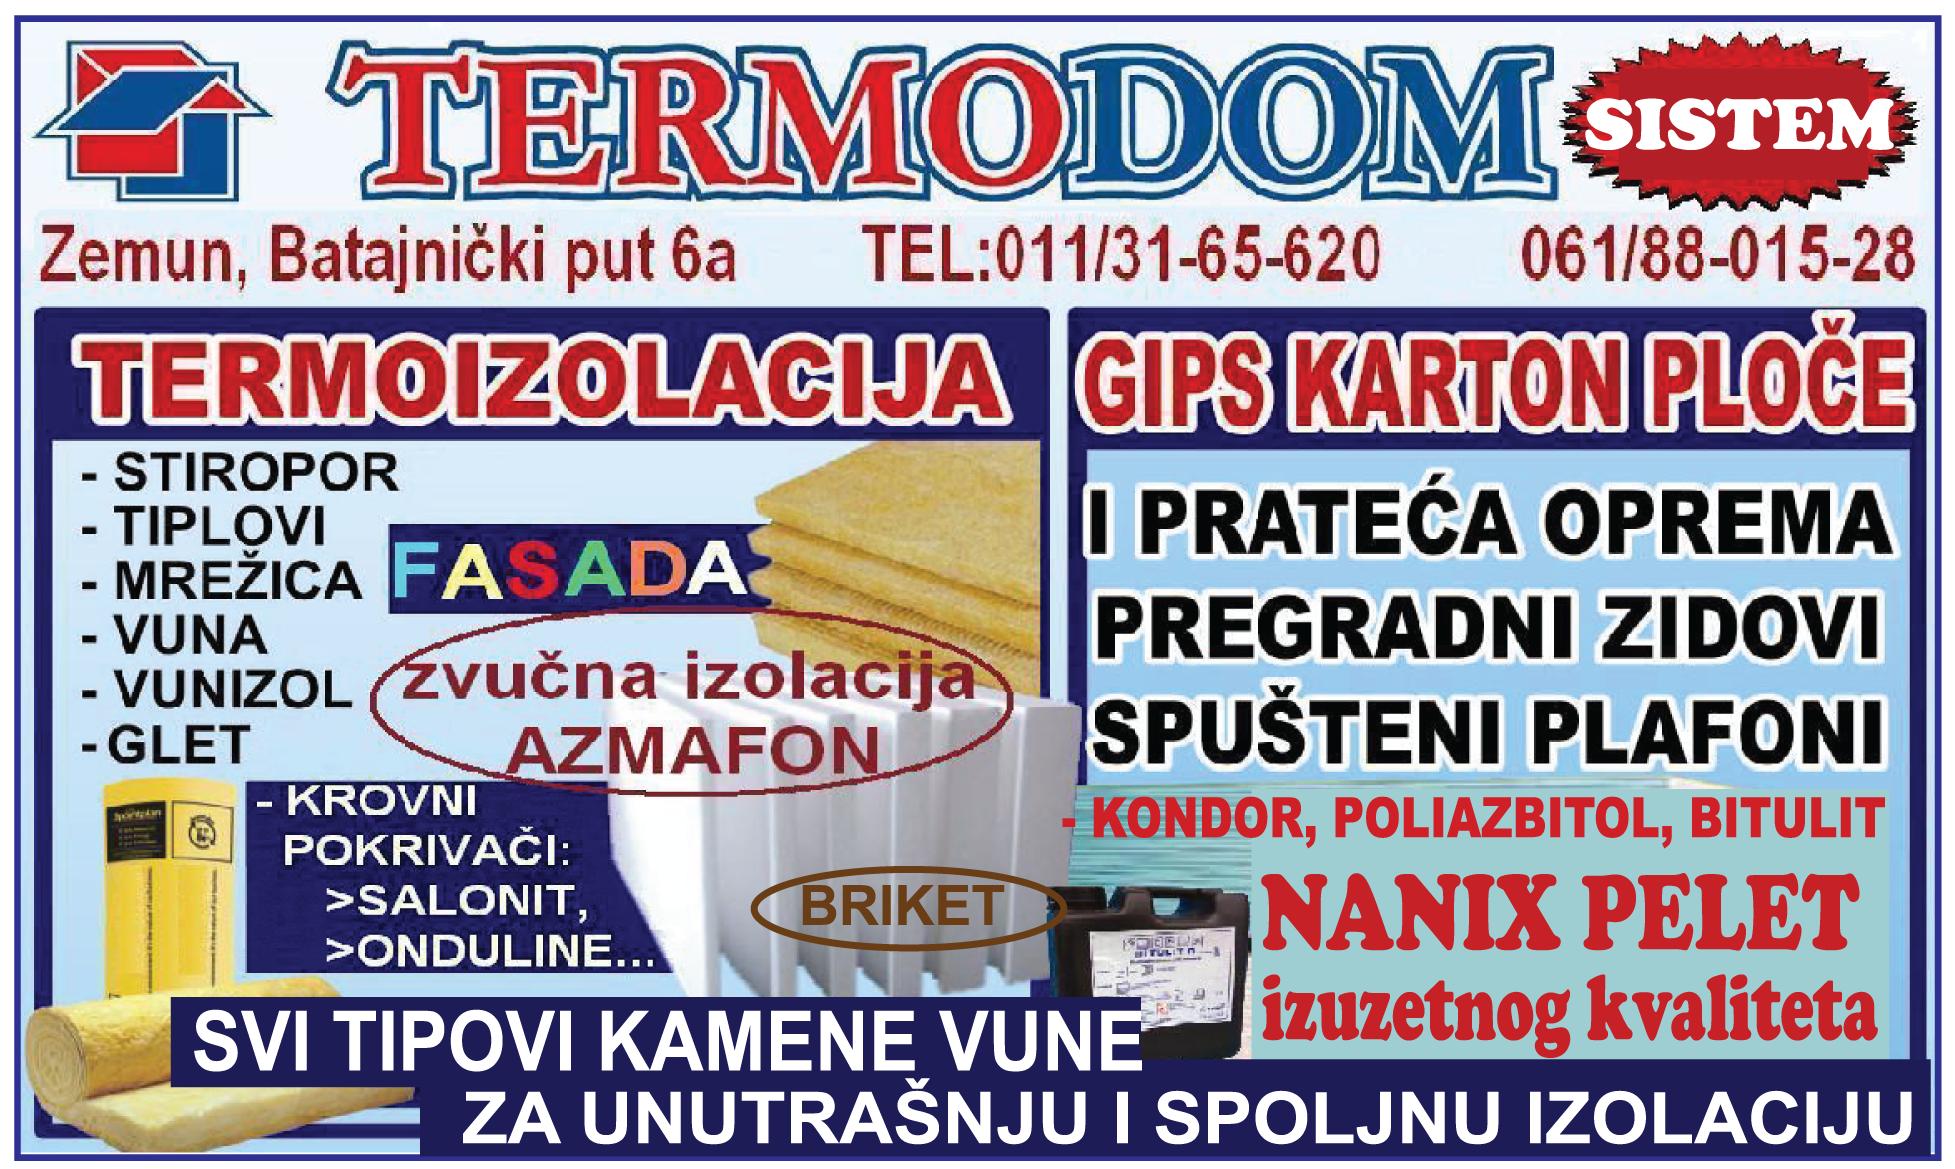 termodom-termodomzemun-sstovaristezemun-pelet-briket-ogrev-fasade-izolacija-gradjevnskimaterijal-bitulit-boje-lakovi-stiropor-reklame-zemun-gradnja